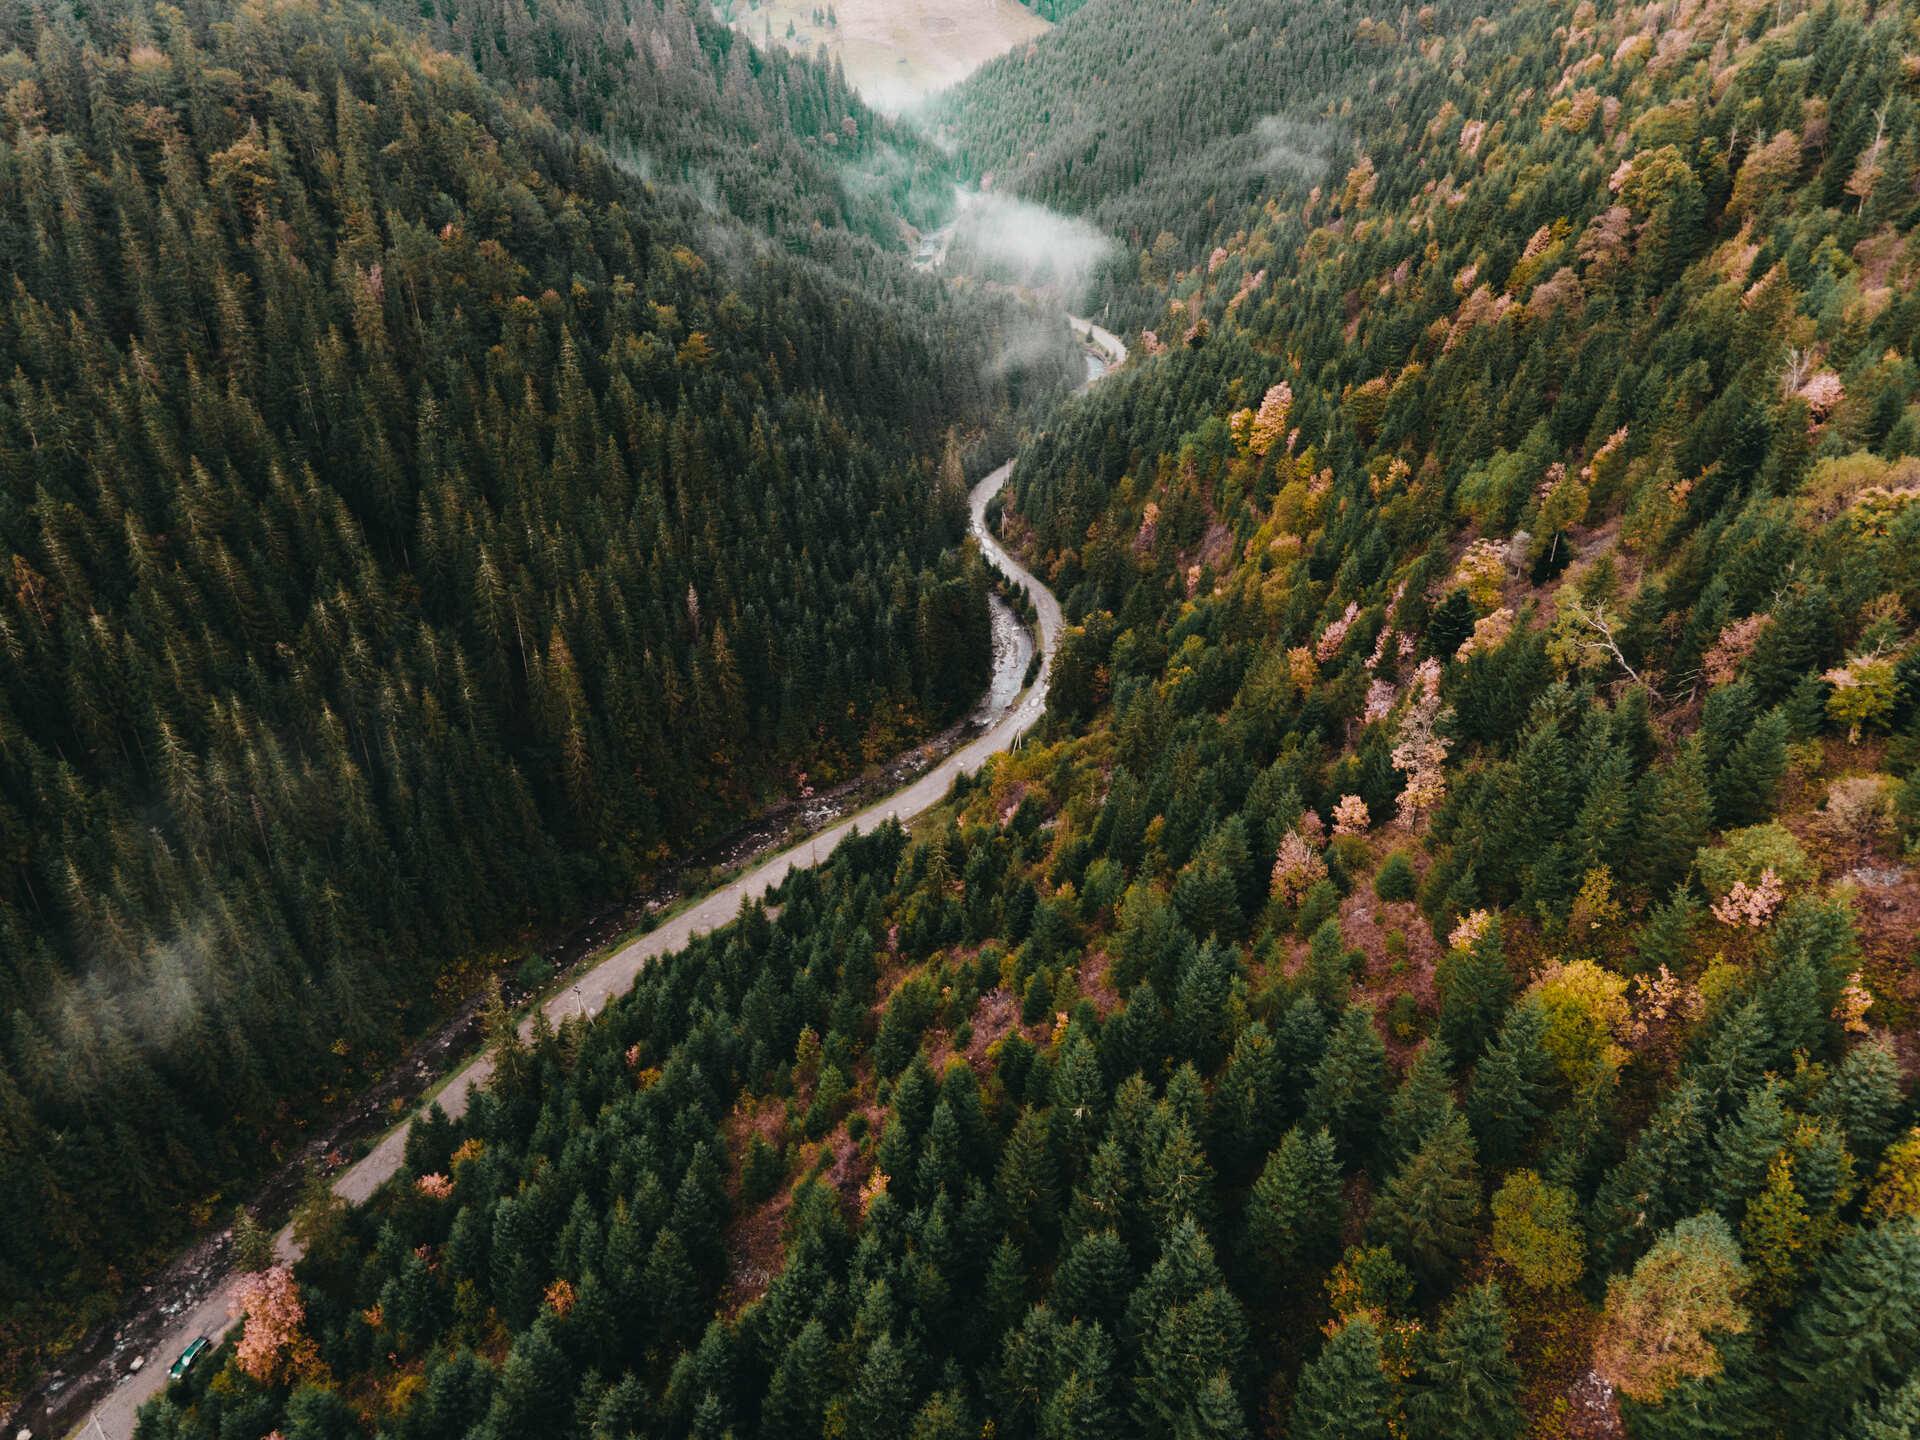 Дорога на полонину Апецька на околиці селища Дубове, що на Закарпатті. 1 листопада 2020 року. Фото: Харі Крішнан.